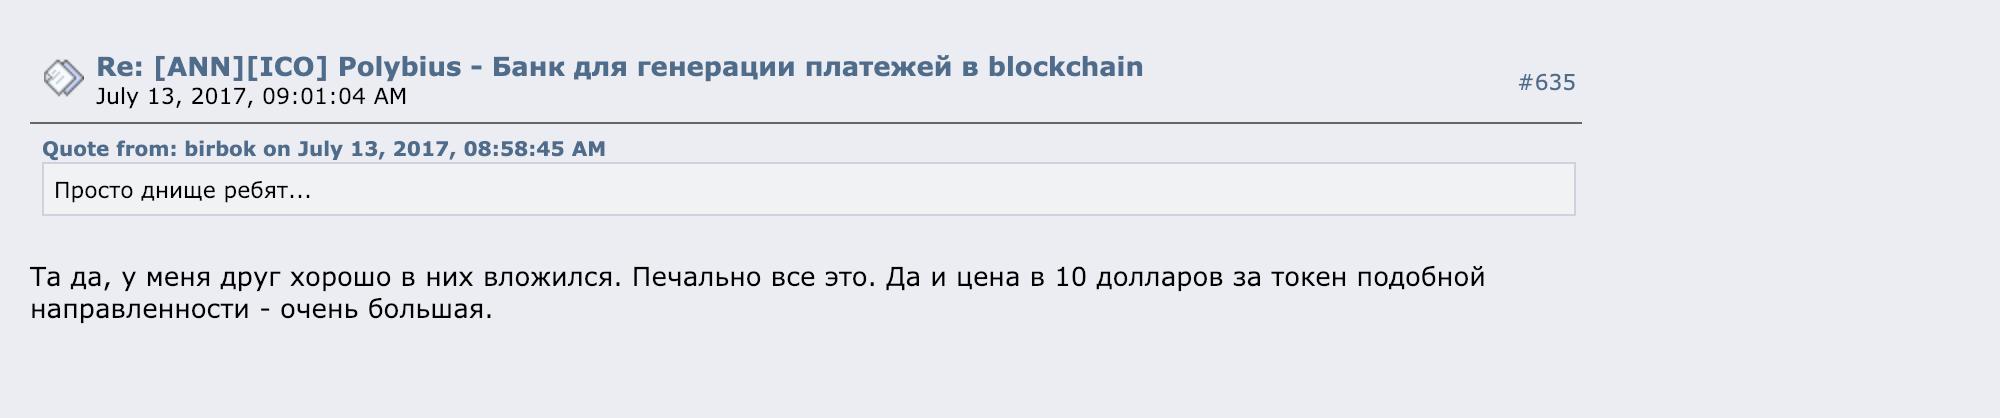 Мои сомнения разделяли и некоторые посетители форумов о криптовалютах